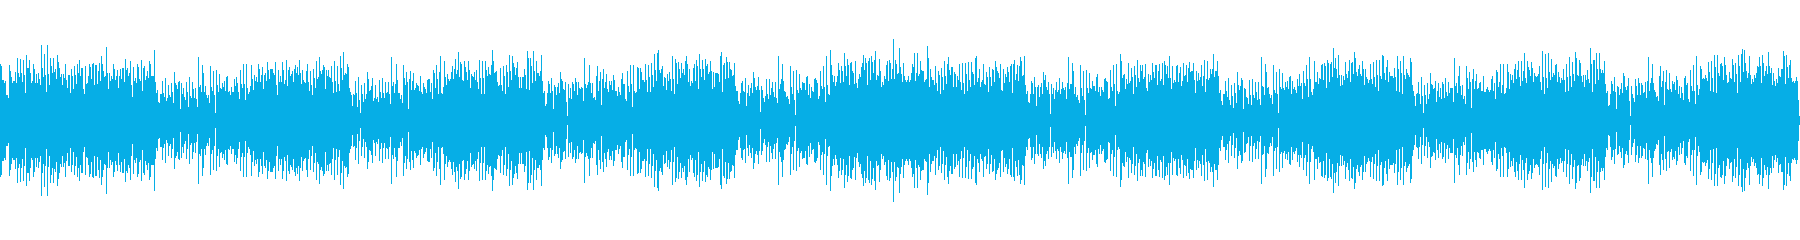 ロックテイストホーンセクションファンクの再生済みの波形